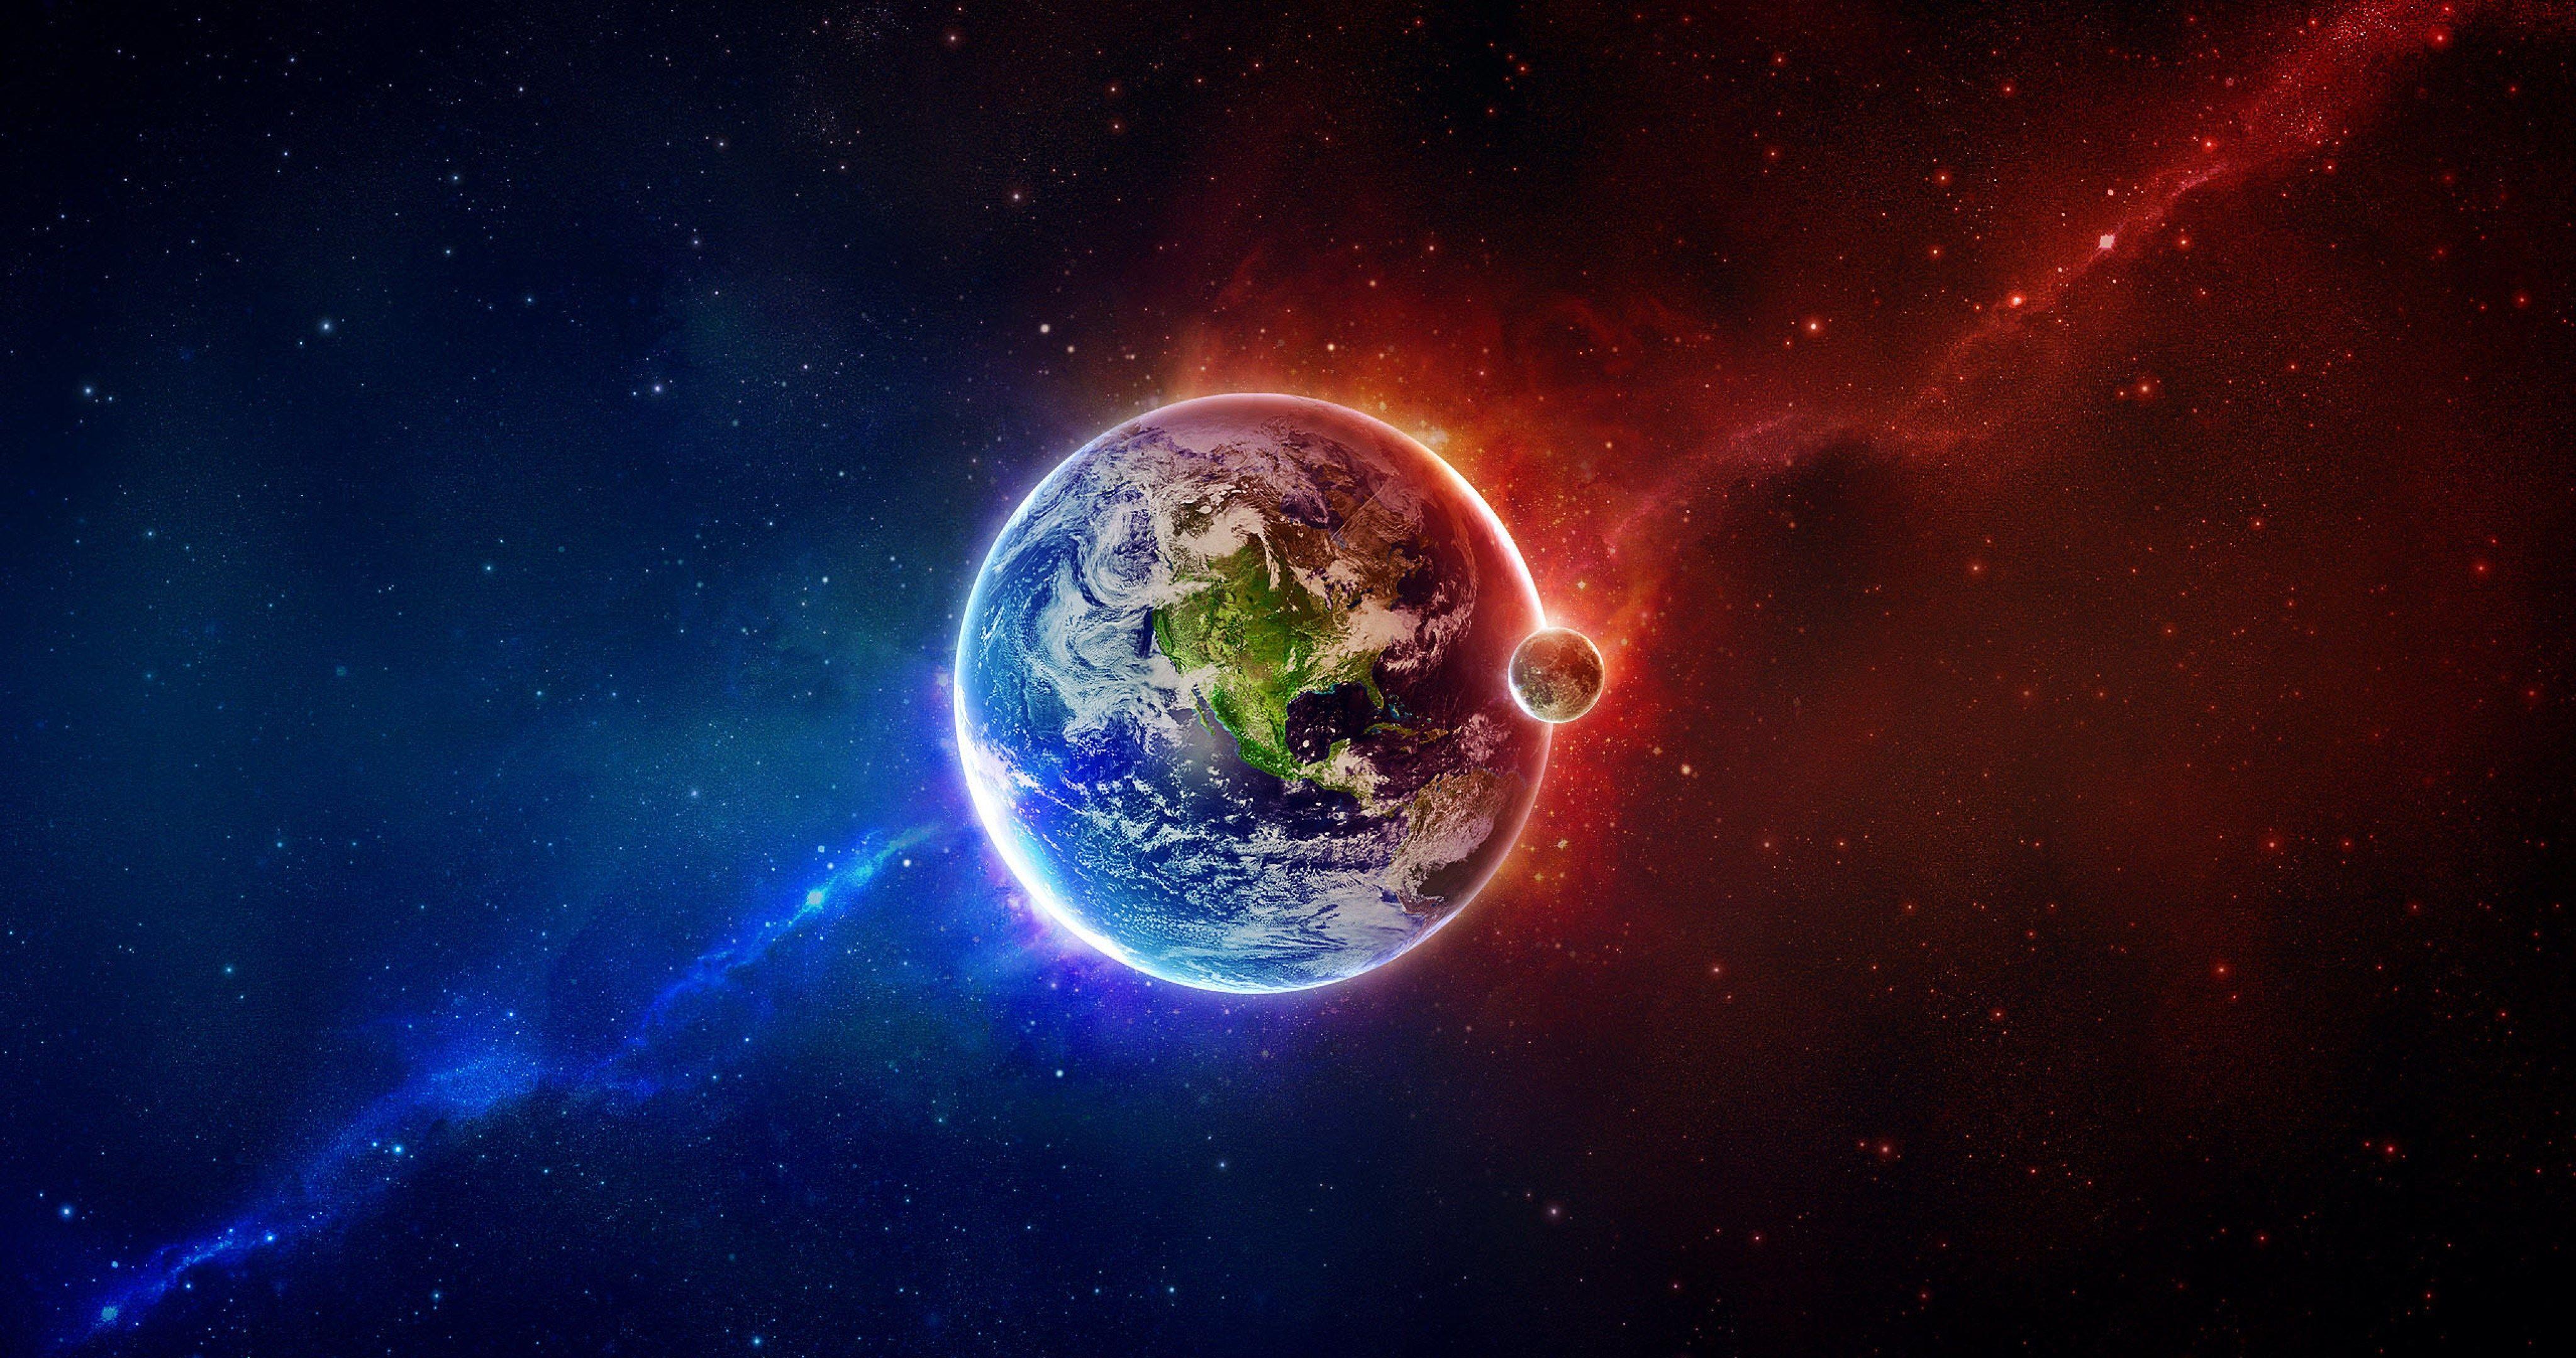 Blue Red Earth 4k Ultra Hd Wallpaper Galaxy Wallpaper Earth